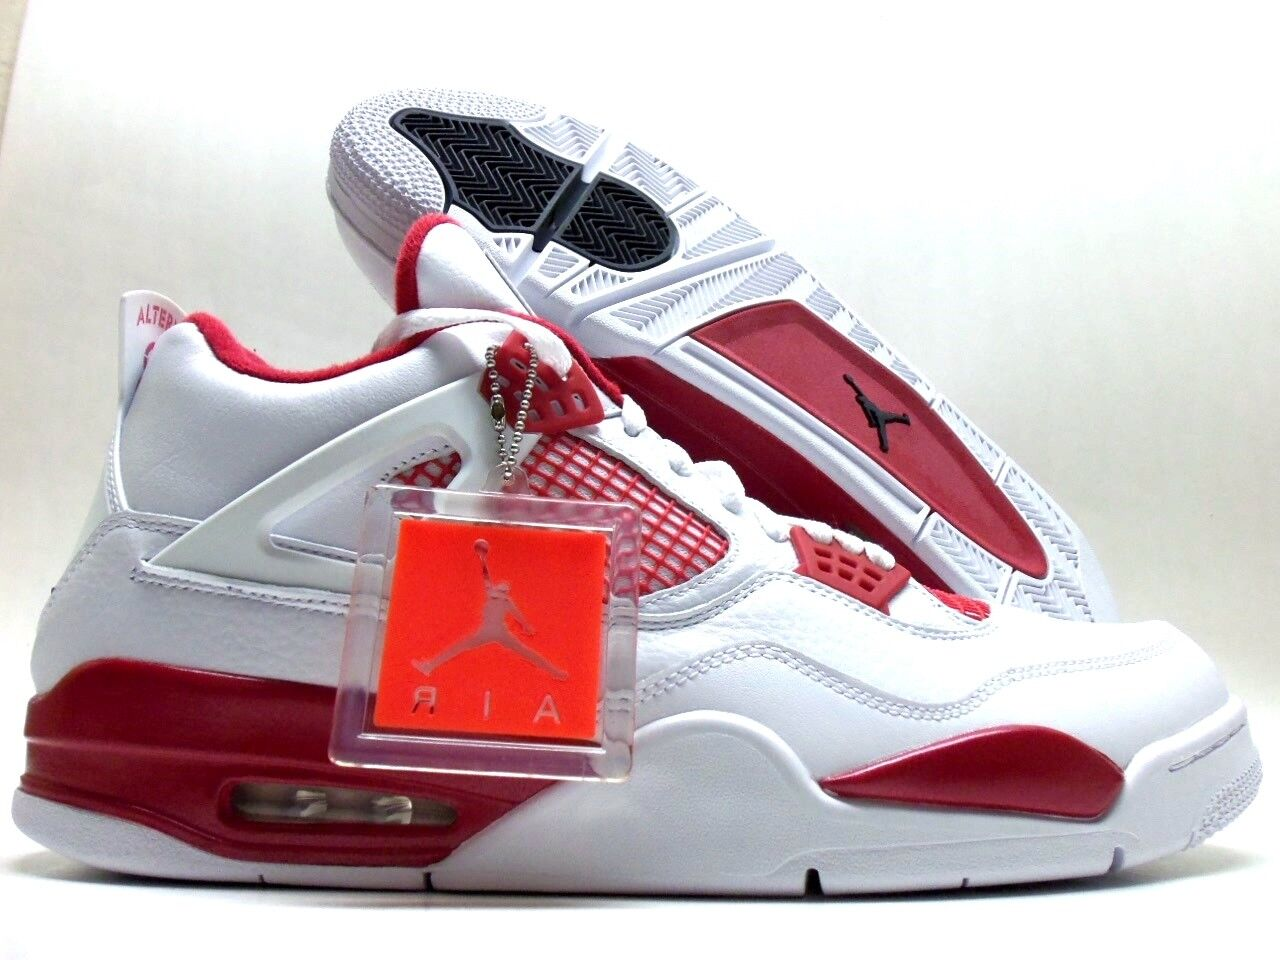 Nike air jordan 4 '89 bianco / rosso alternativo nero-gym sz uomini 14 [308497-106]